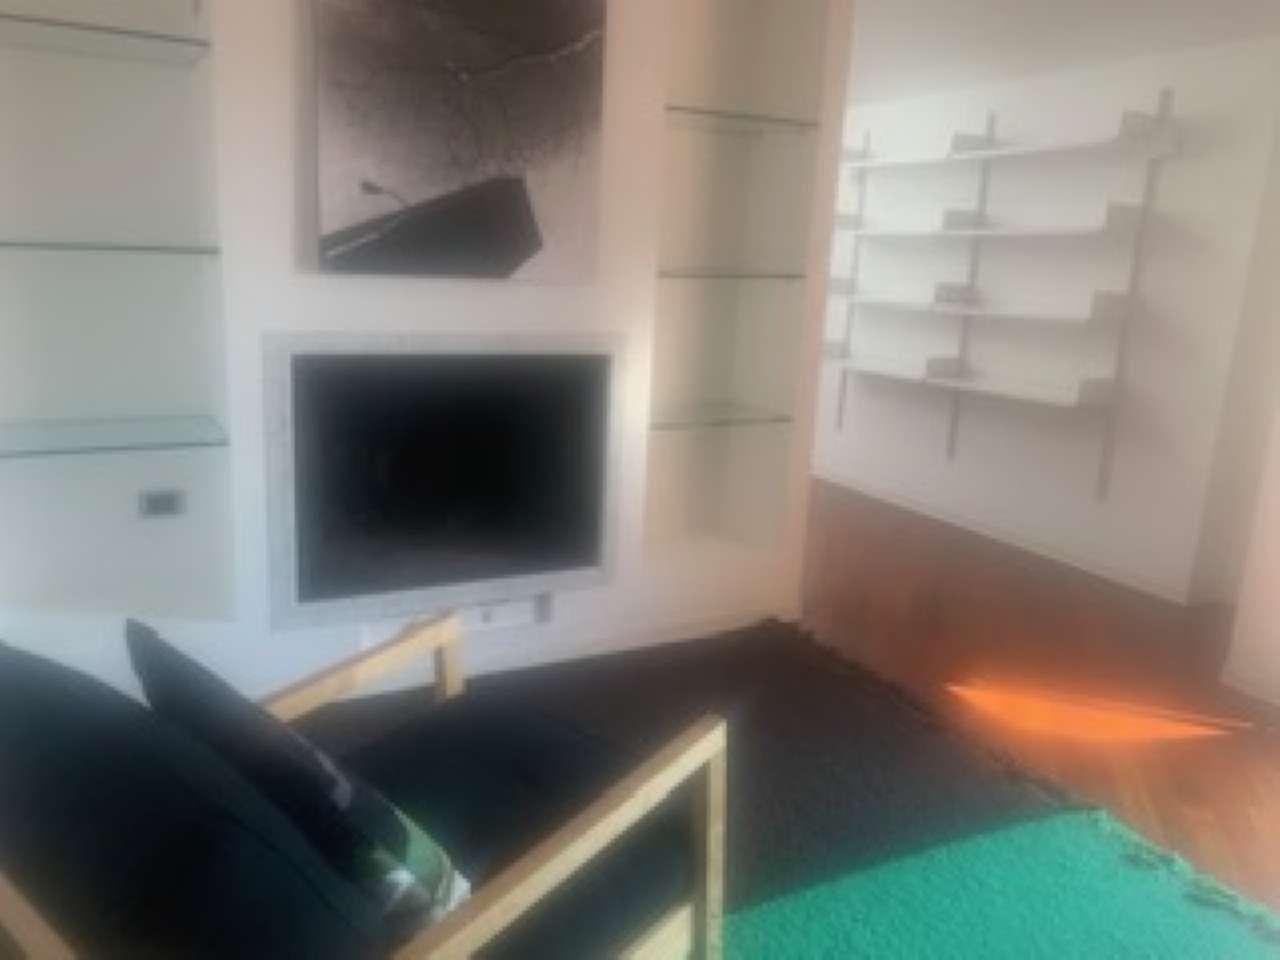 Attico / Mansarda in affitto a Sassuolo, 3 locali, prezzo € 1.000 | CambioCasa.it